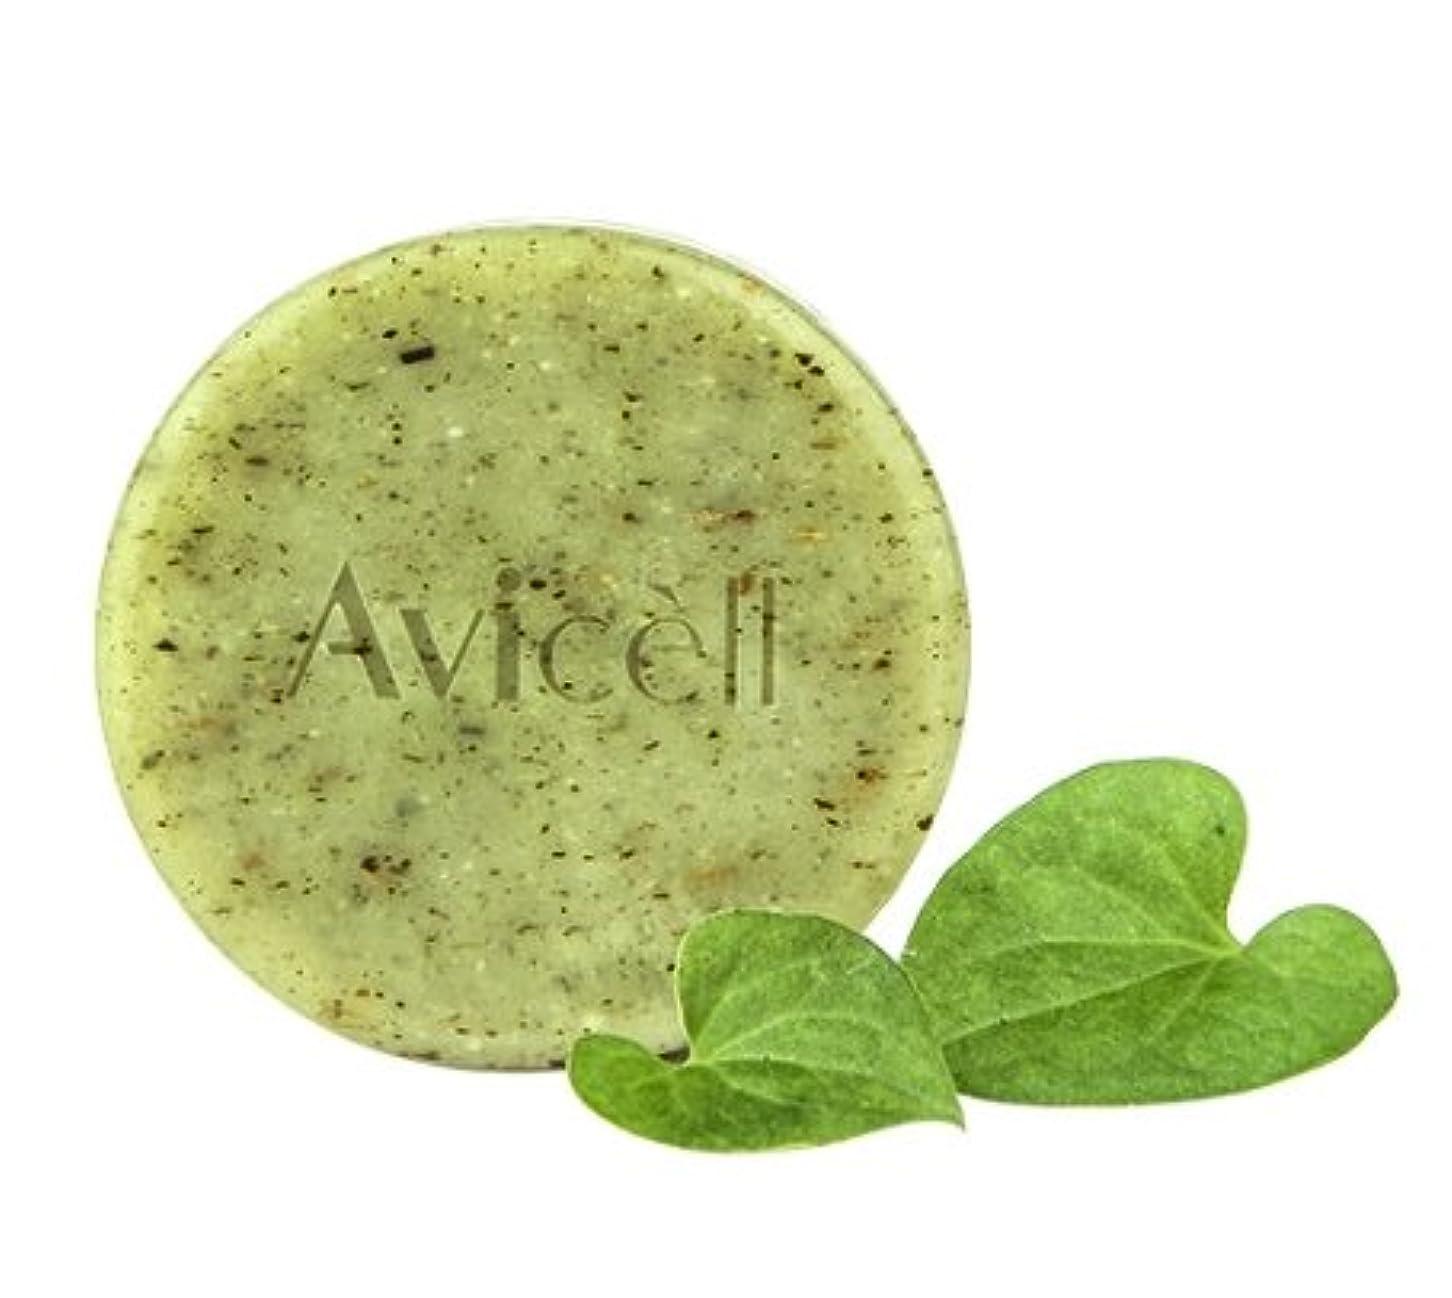 増幅子猫不実Avicell Pure Original Soap